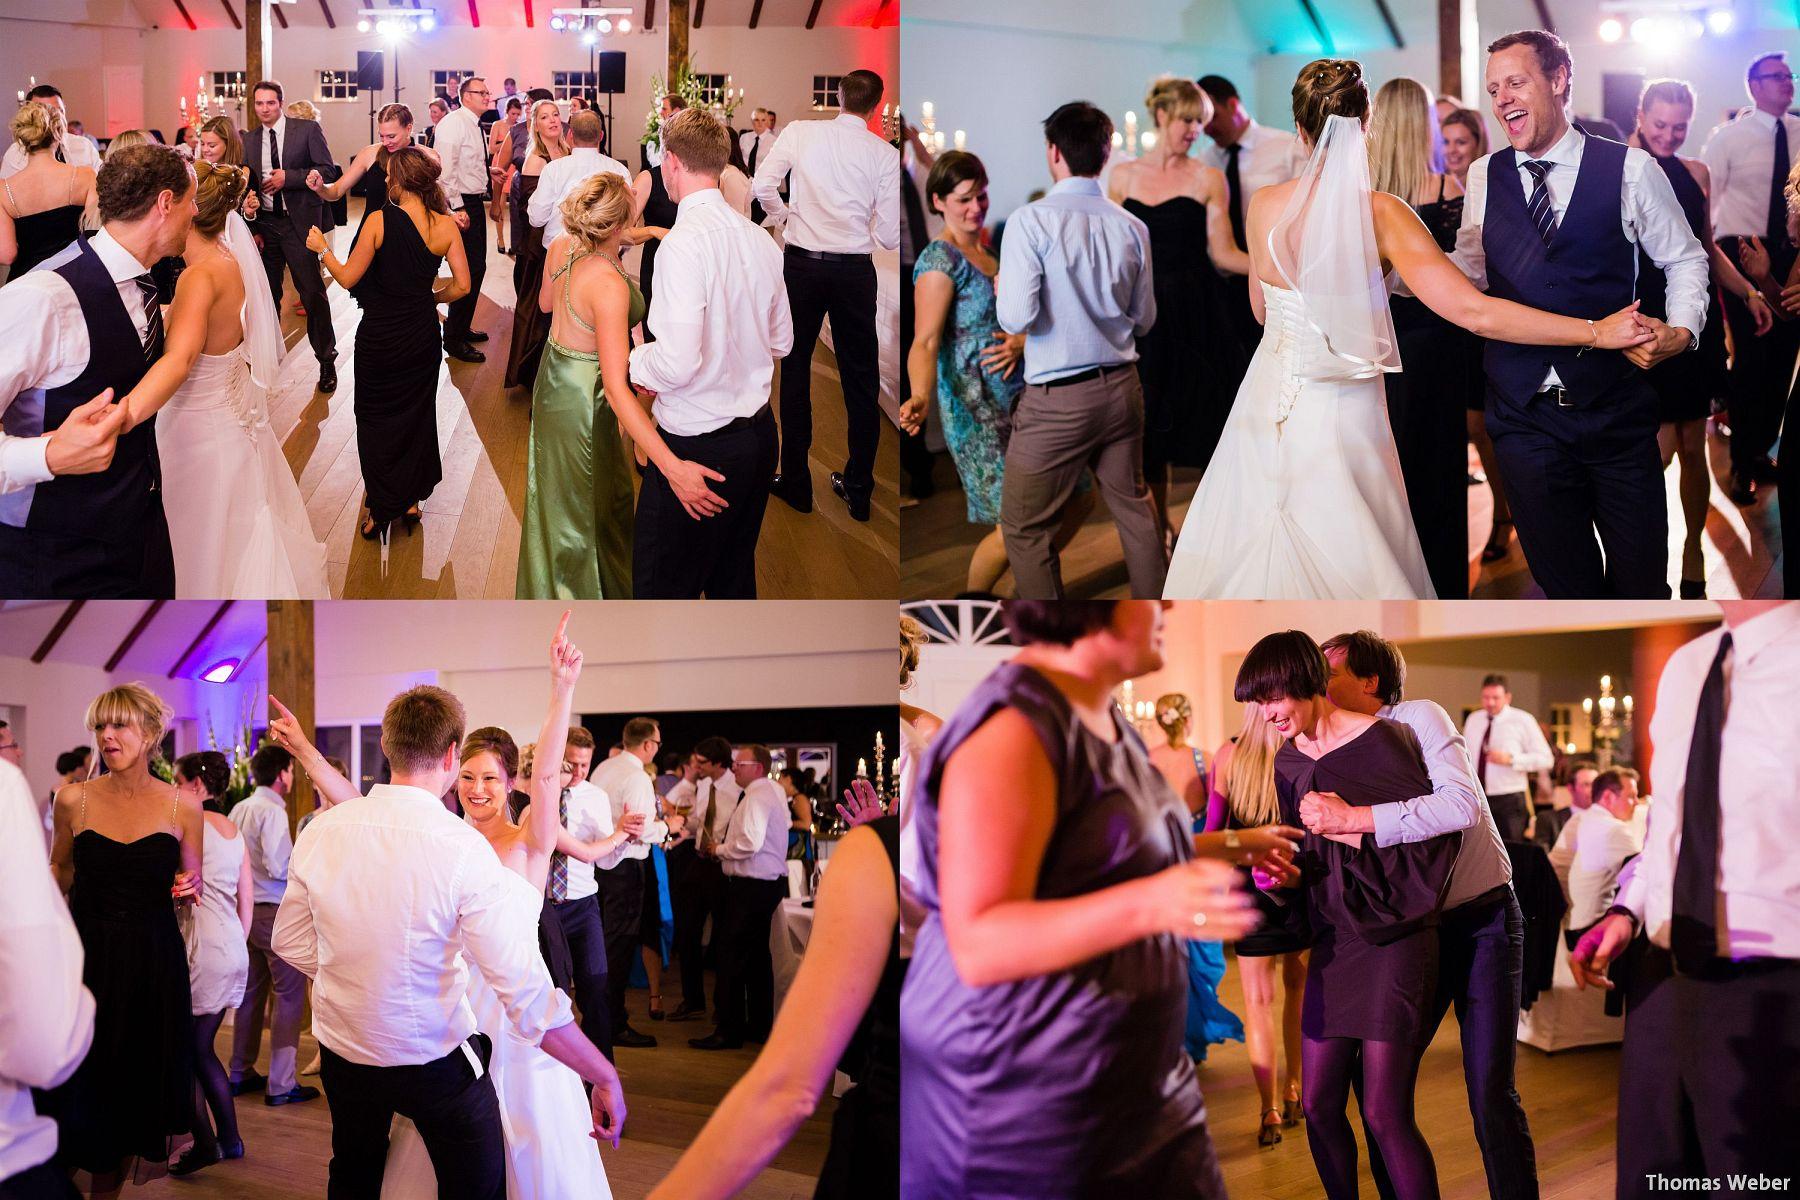 Hochzeitsfotograf Rastede: Kirchliche Trauung in der St. Ulrichs Kirche Rastede und Hochzeitsfeier in der Eventscheune St Georg Rastede mit dem Catering von Split Food (Michael Niebuhr) aus Oldenburg (3)